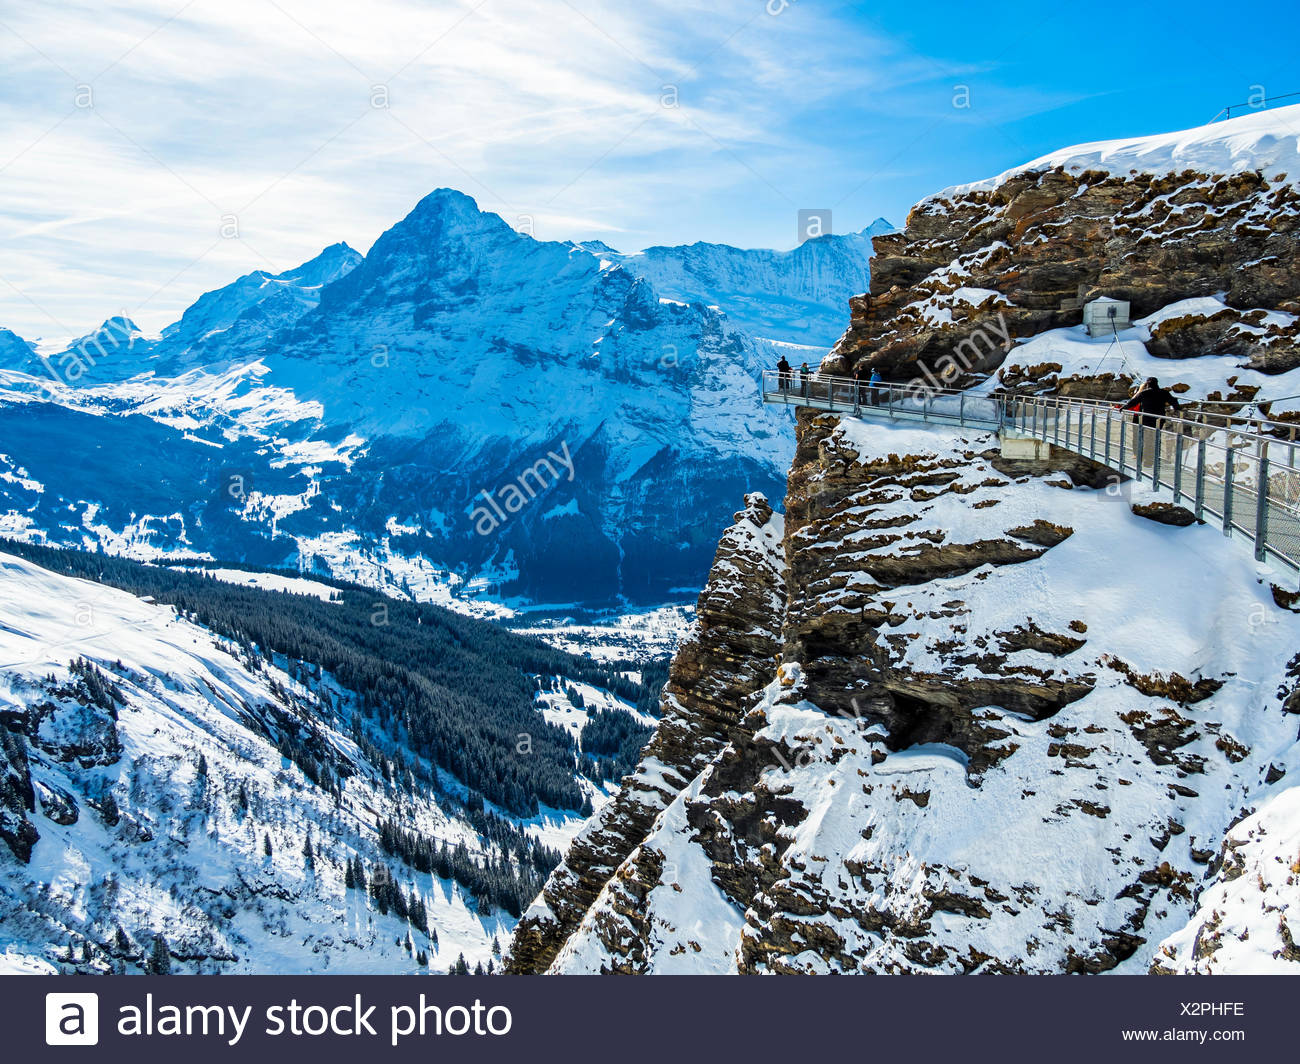 Schweiz, Kanton Bern, Berner Oberland, Interlaken-Oberhasli, First, Grindelwald, Blick vom First Cliff Walk auf den Eiger und die Eiger Nordwand - Stock Image